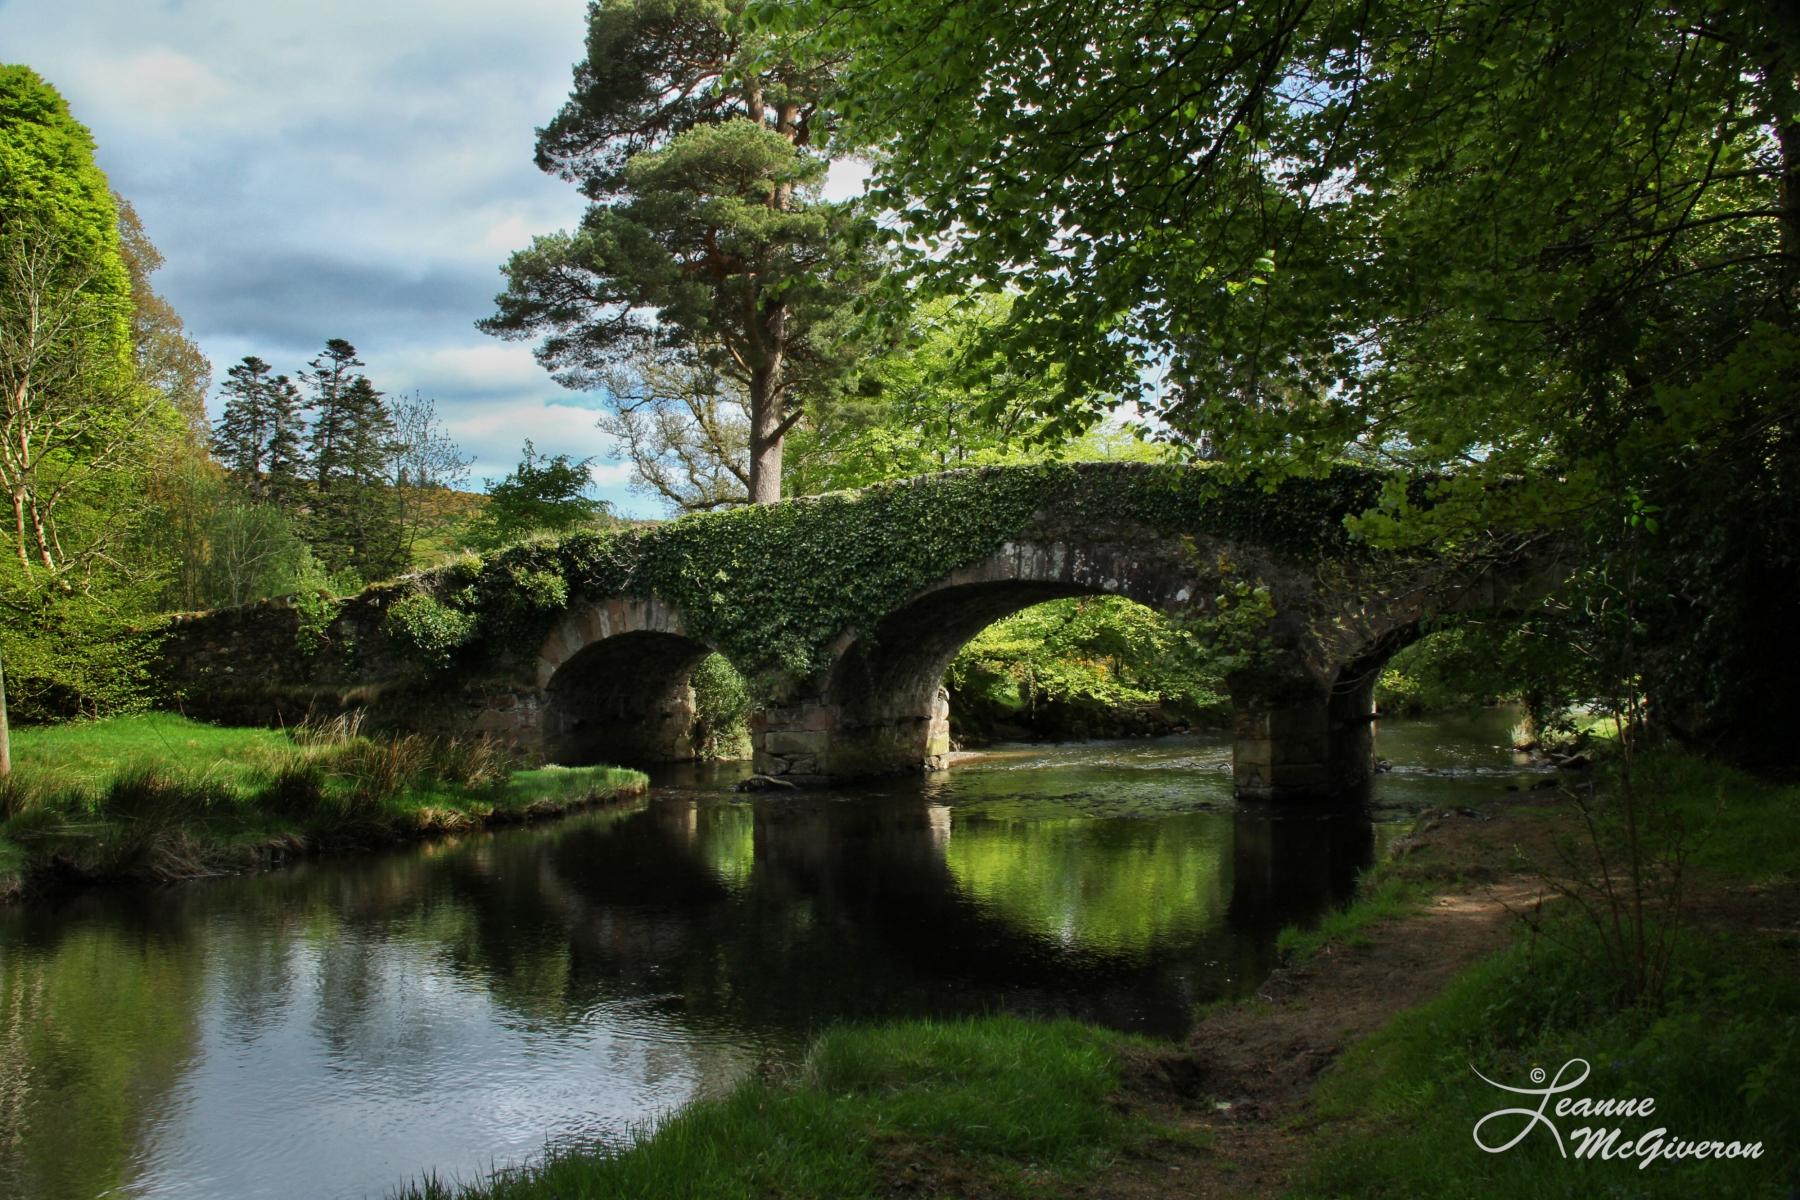 Derrybawn Bridge, Laragh, County Wicklow